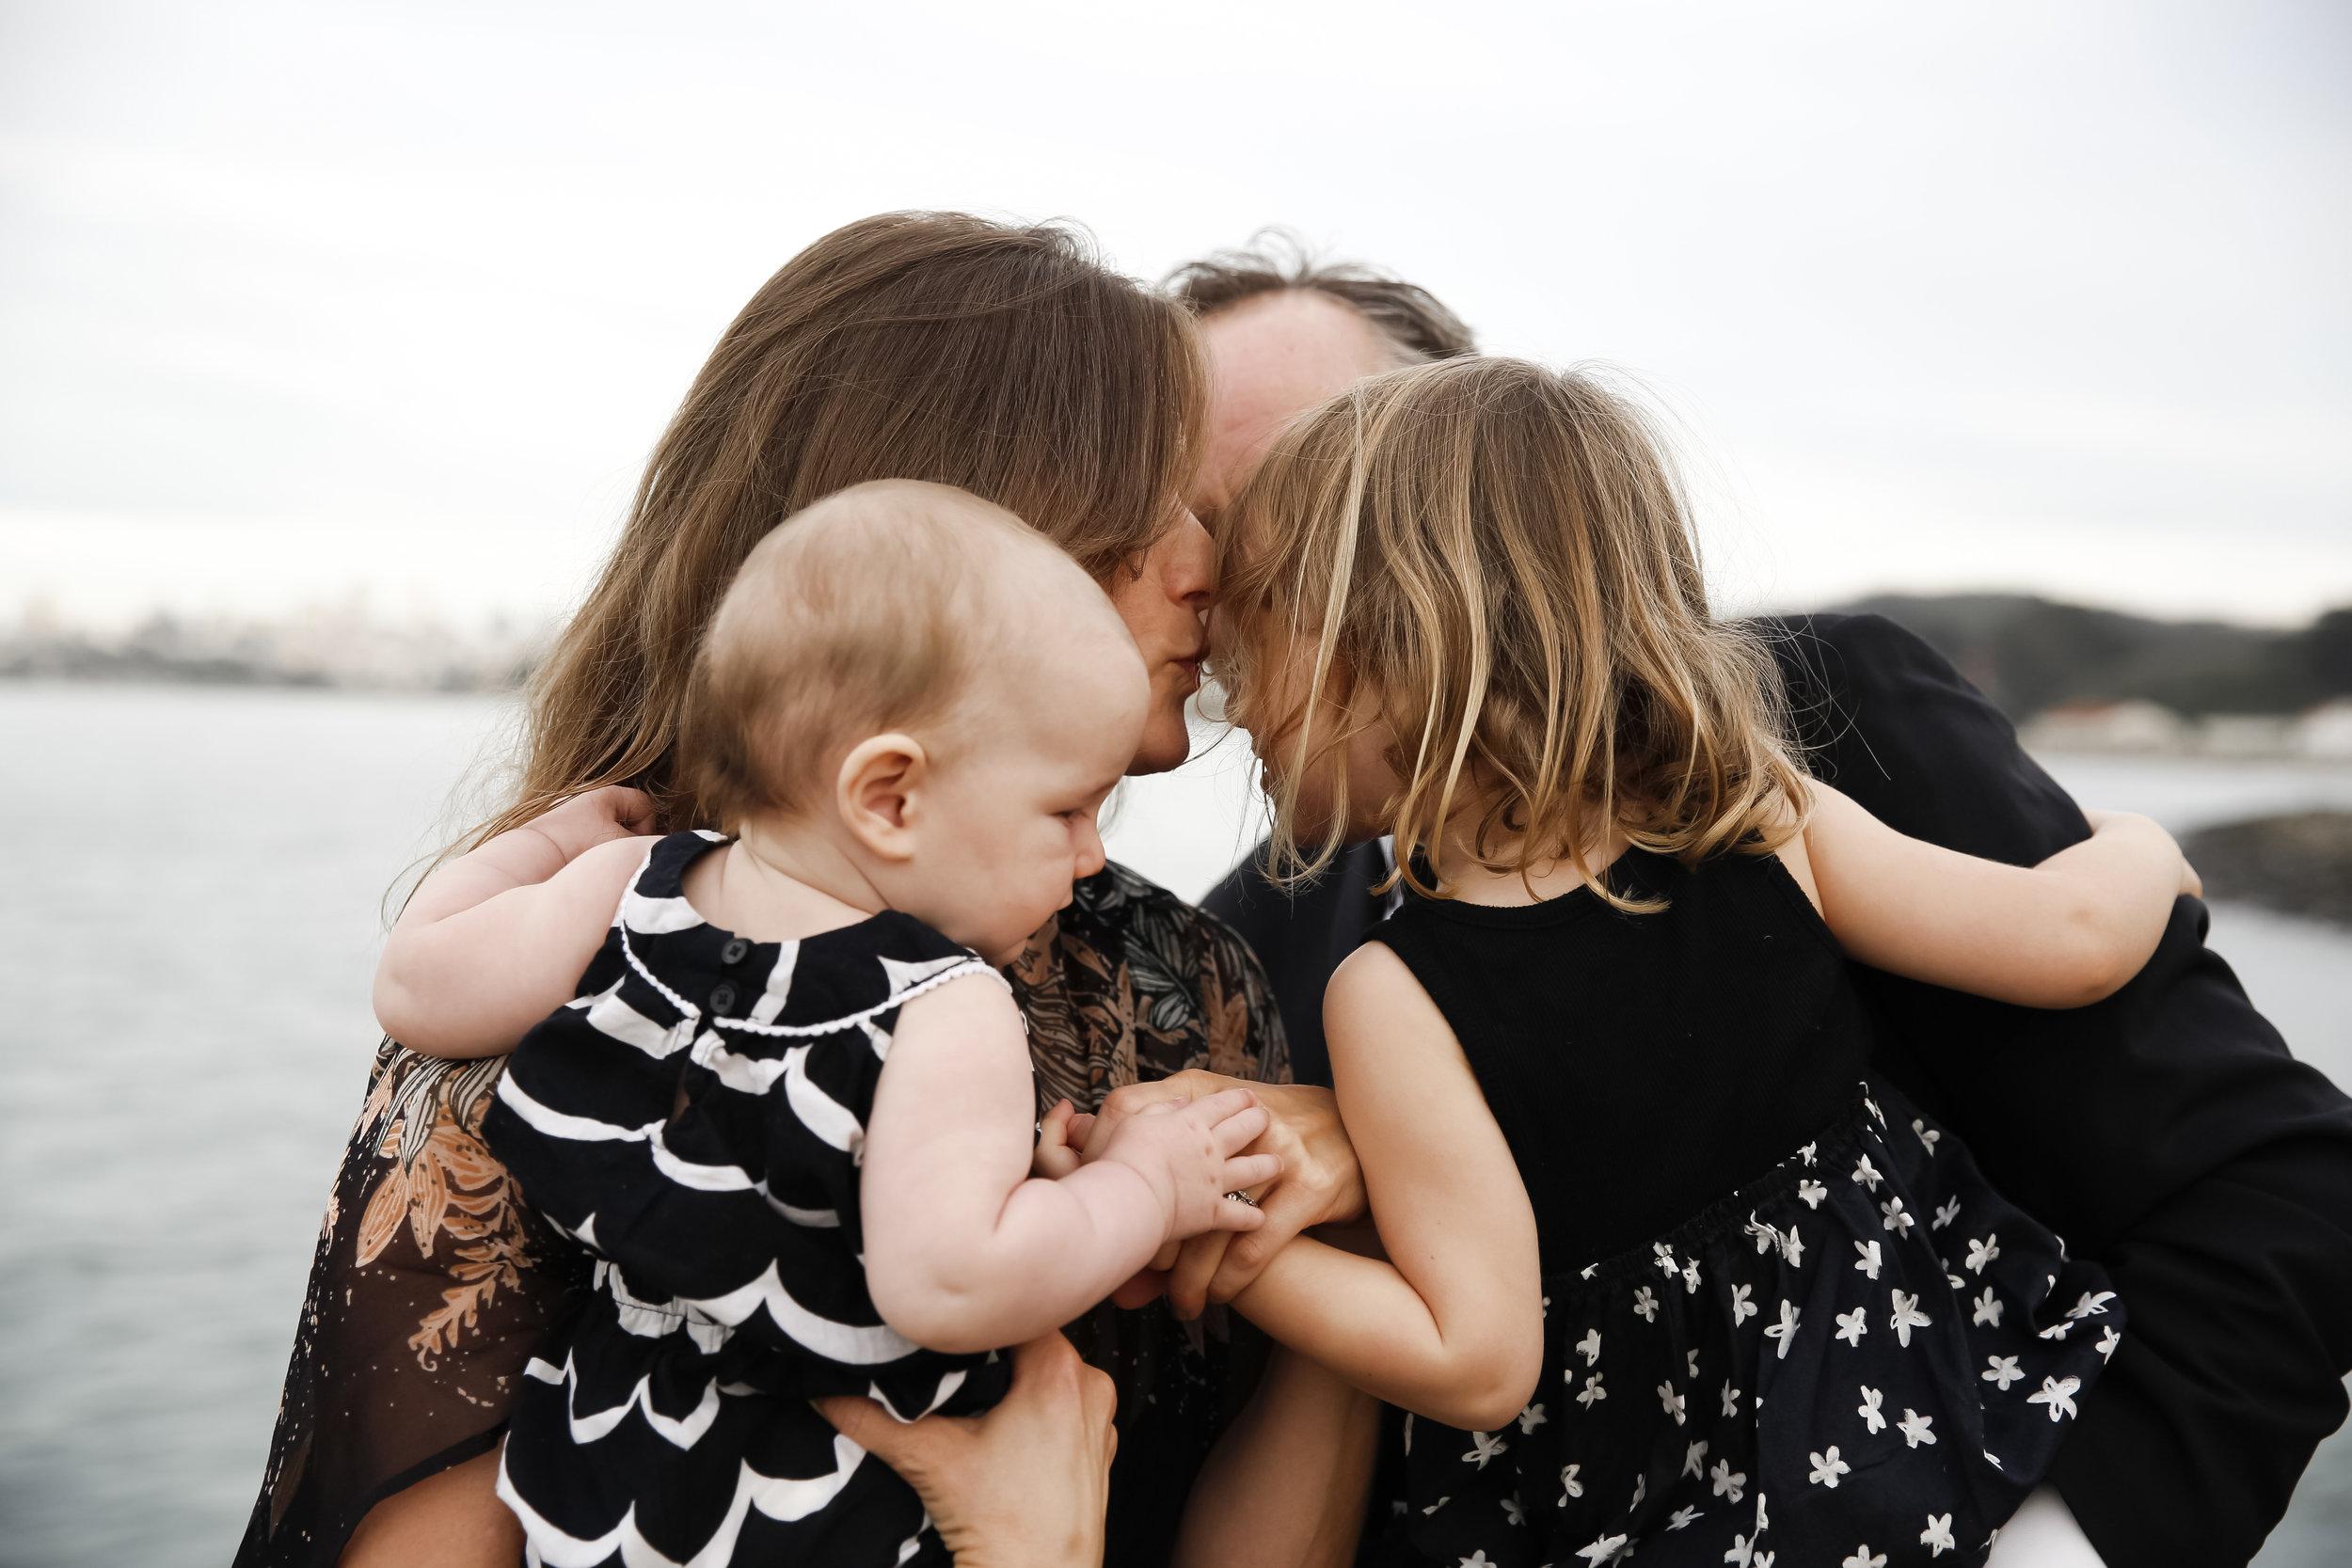 kriegerfamily-ahp-00043.jpg